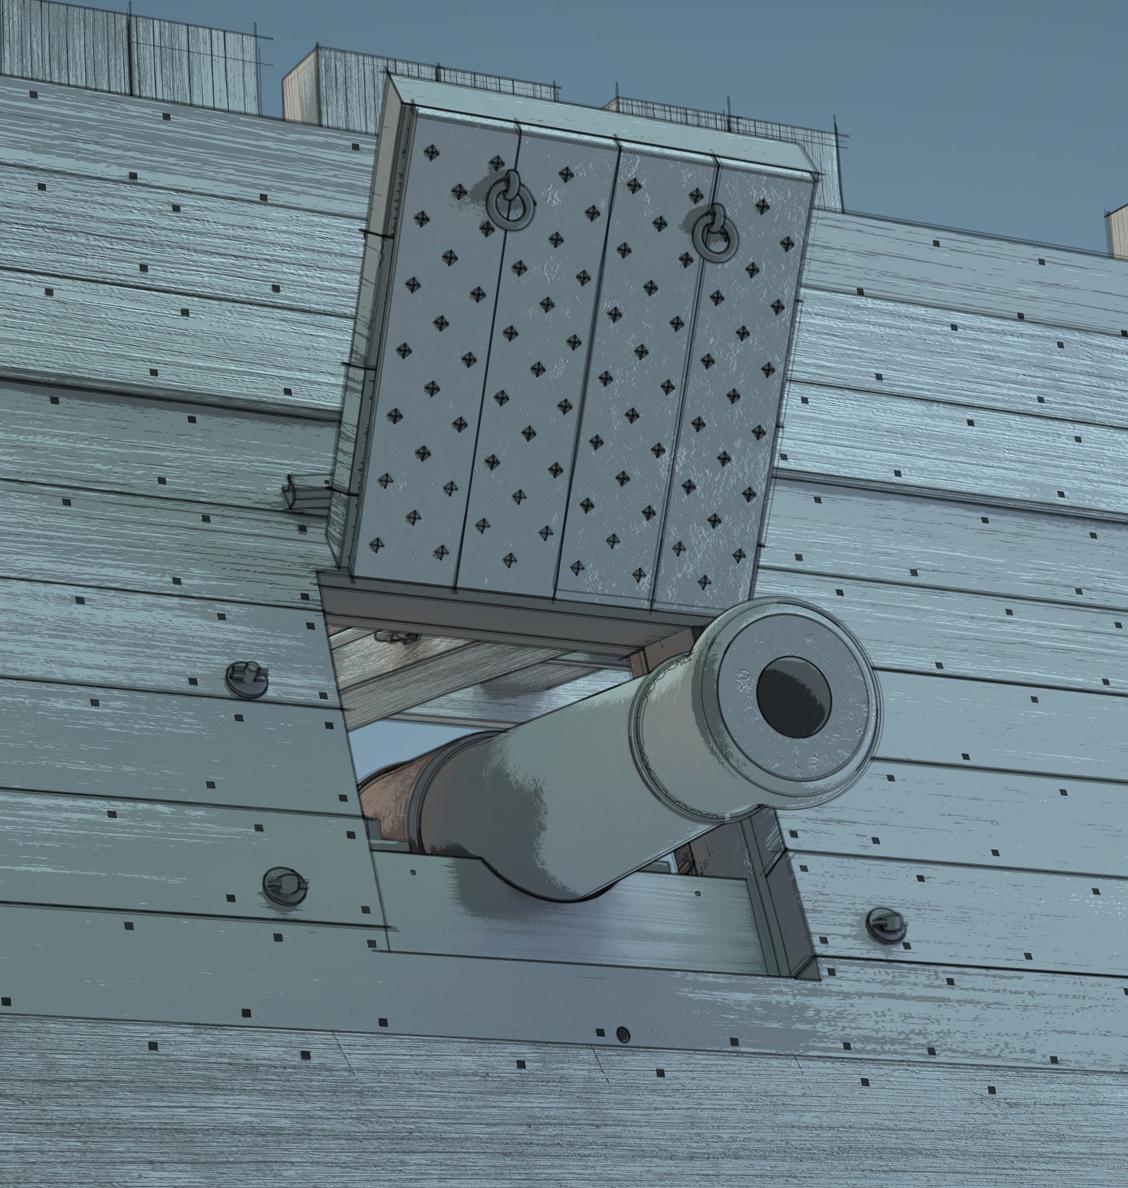 Canons de vaisseau 74 canons (Création 3D) par Greg_3D - Page 9 Rendu109